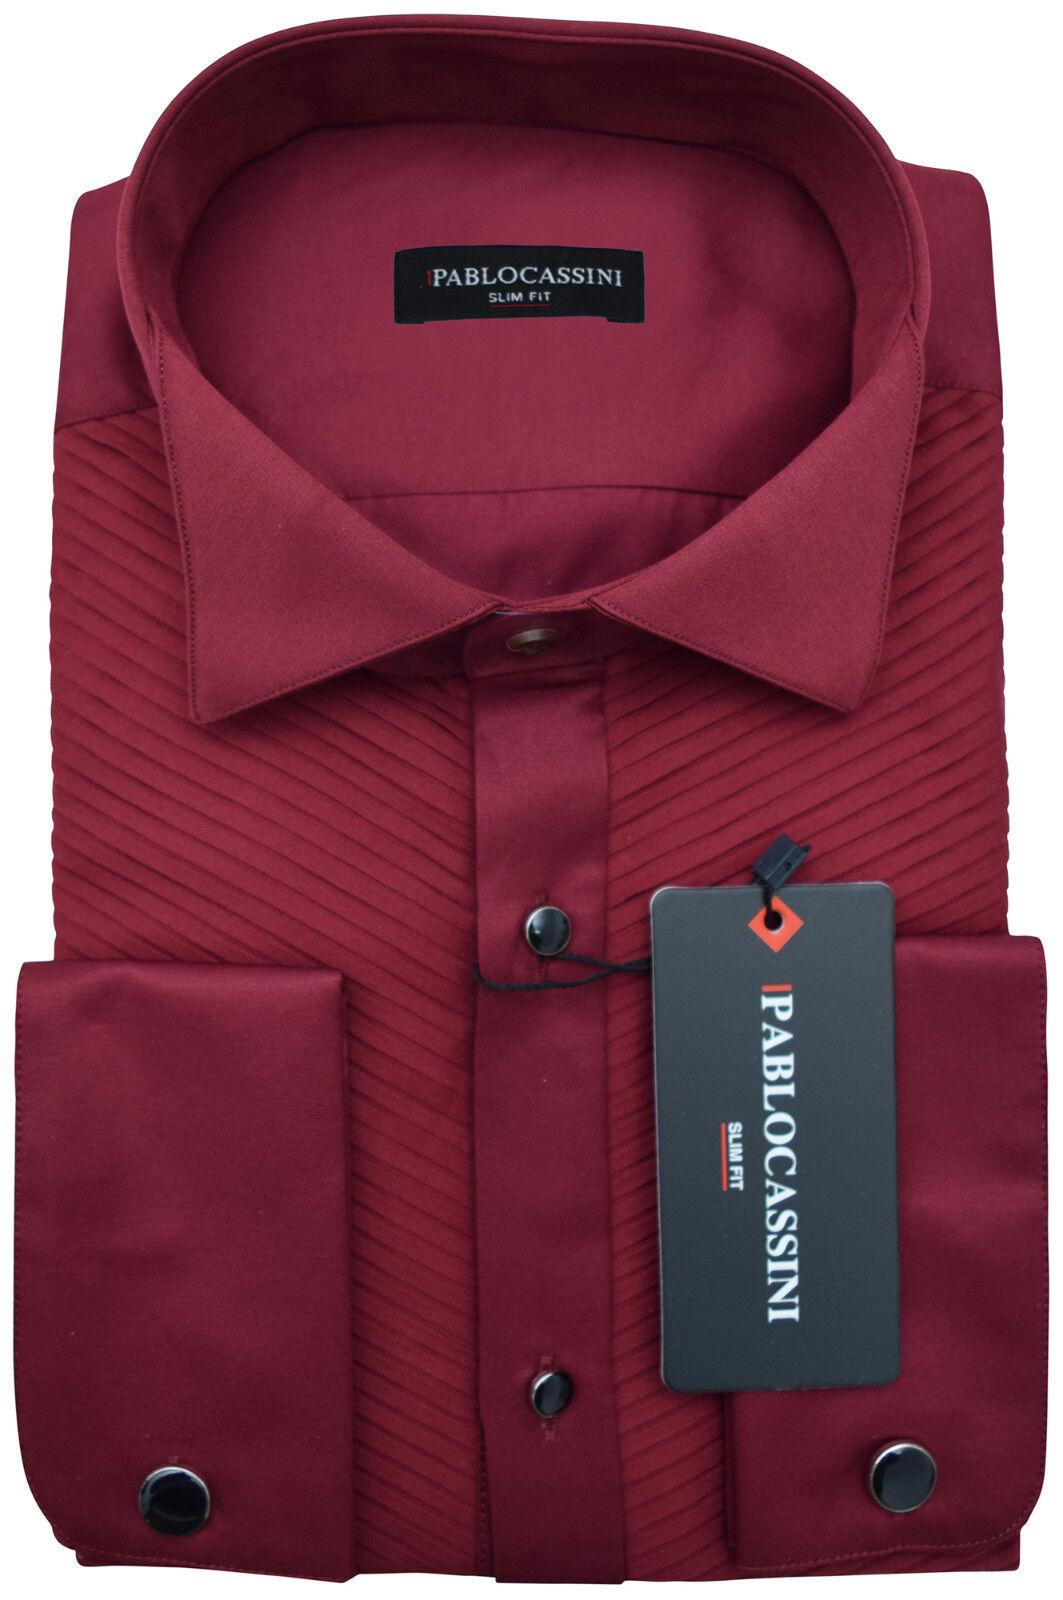 PABLO CASSINI Smokinghemd Bordeaux red mit Plisseefalten und Manschettenknöpfe